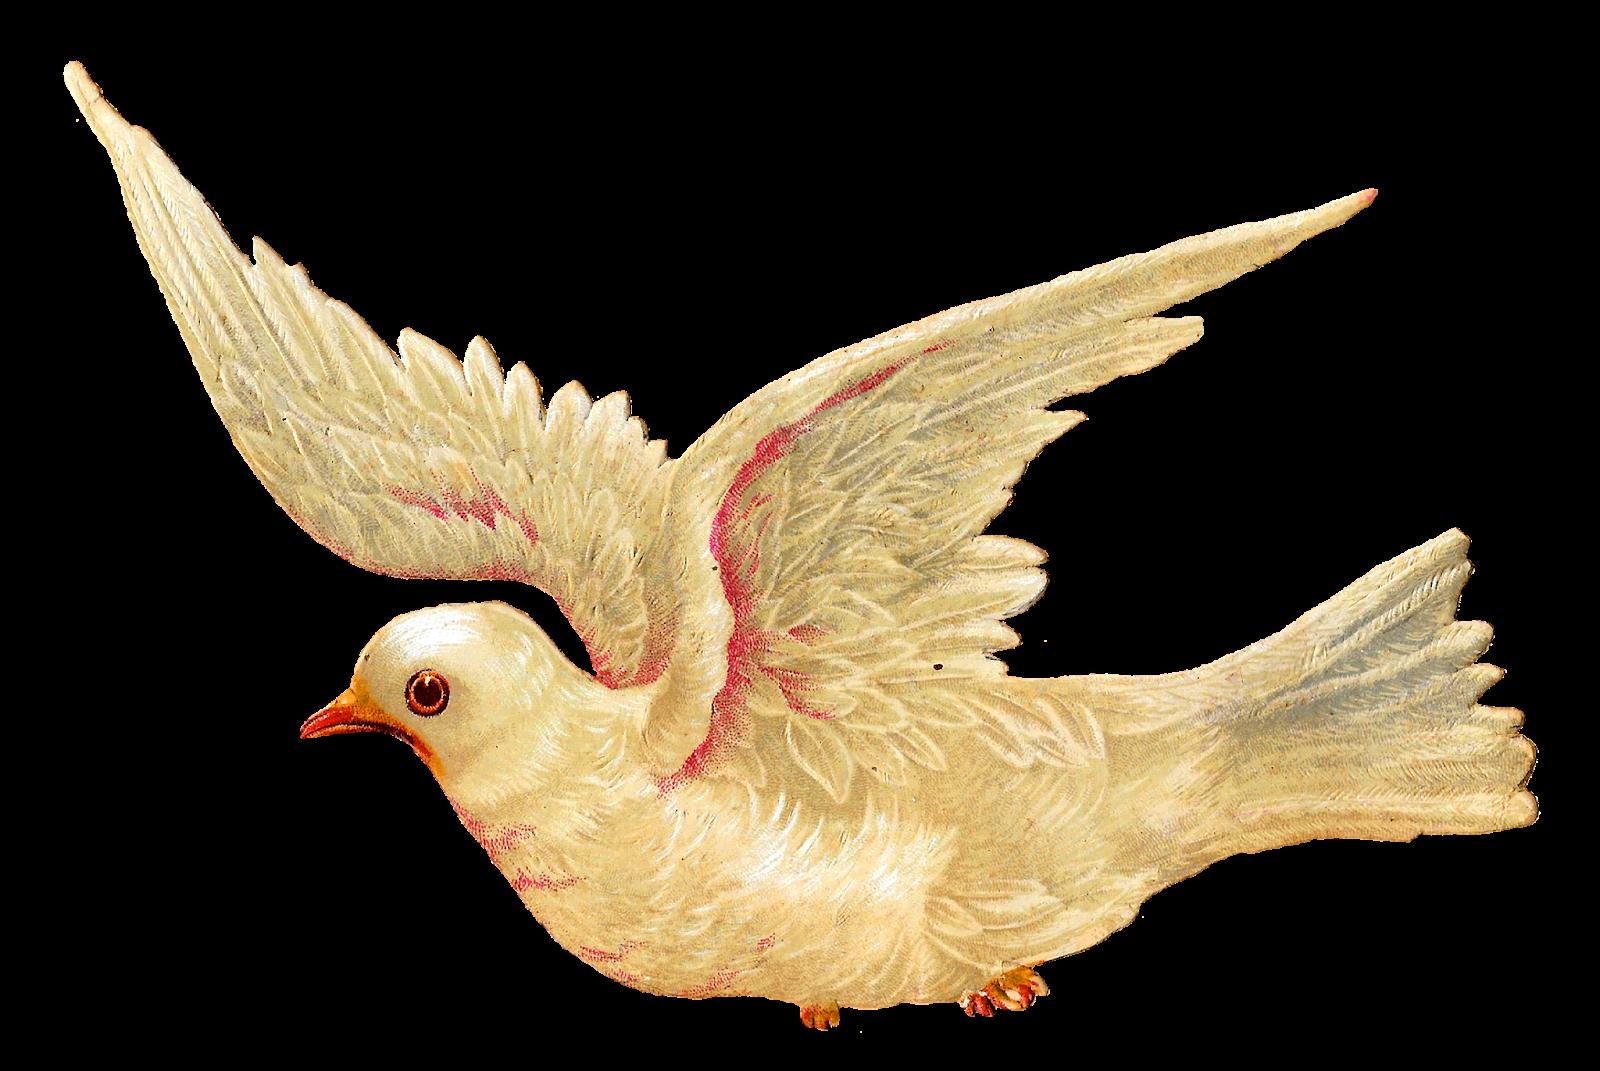 clip transparent stock Antique images white dove. Doves clipart printable